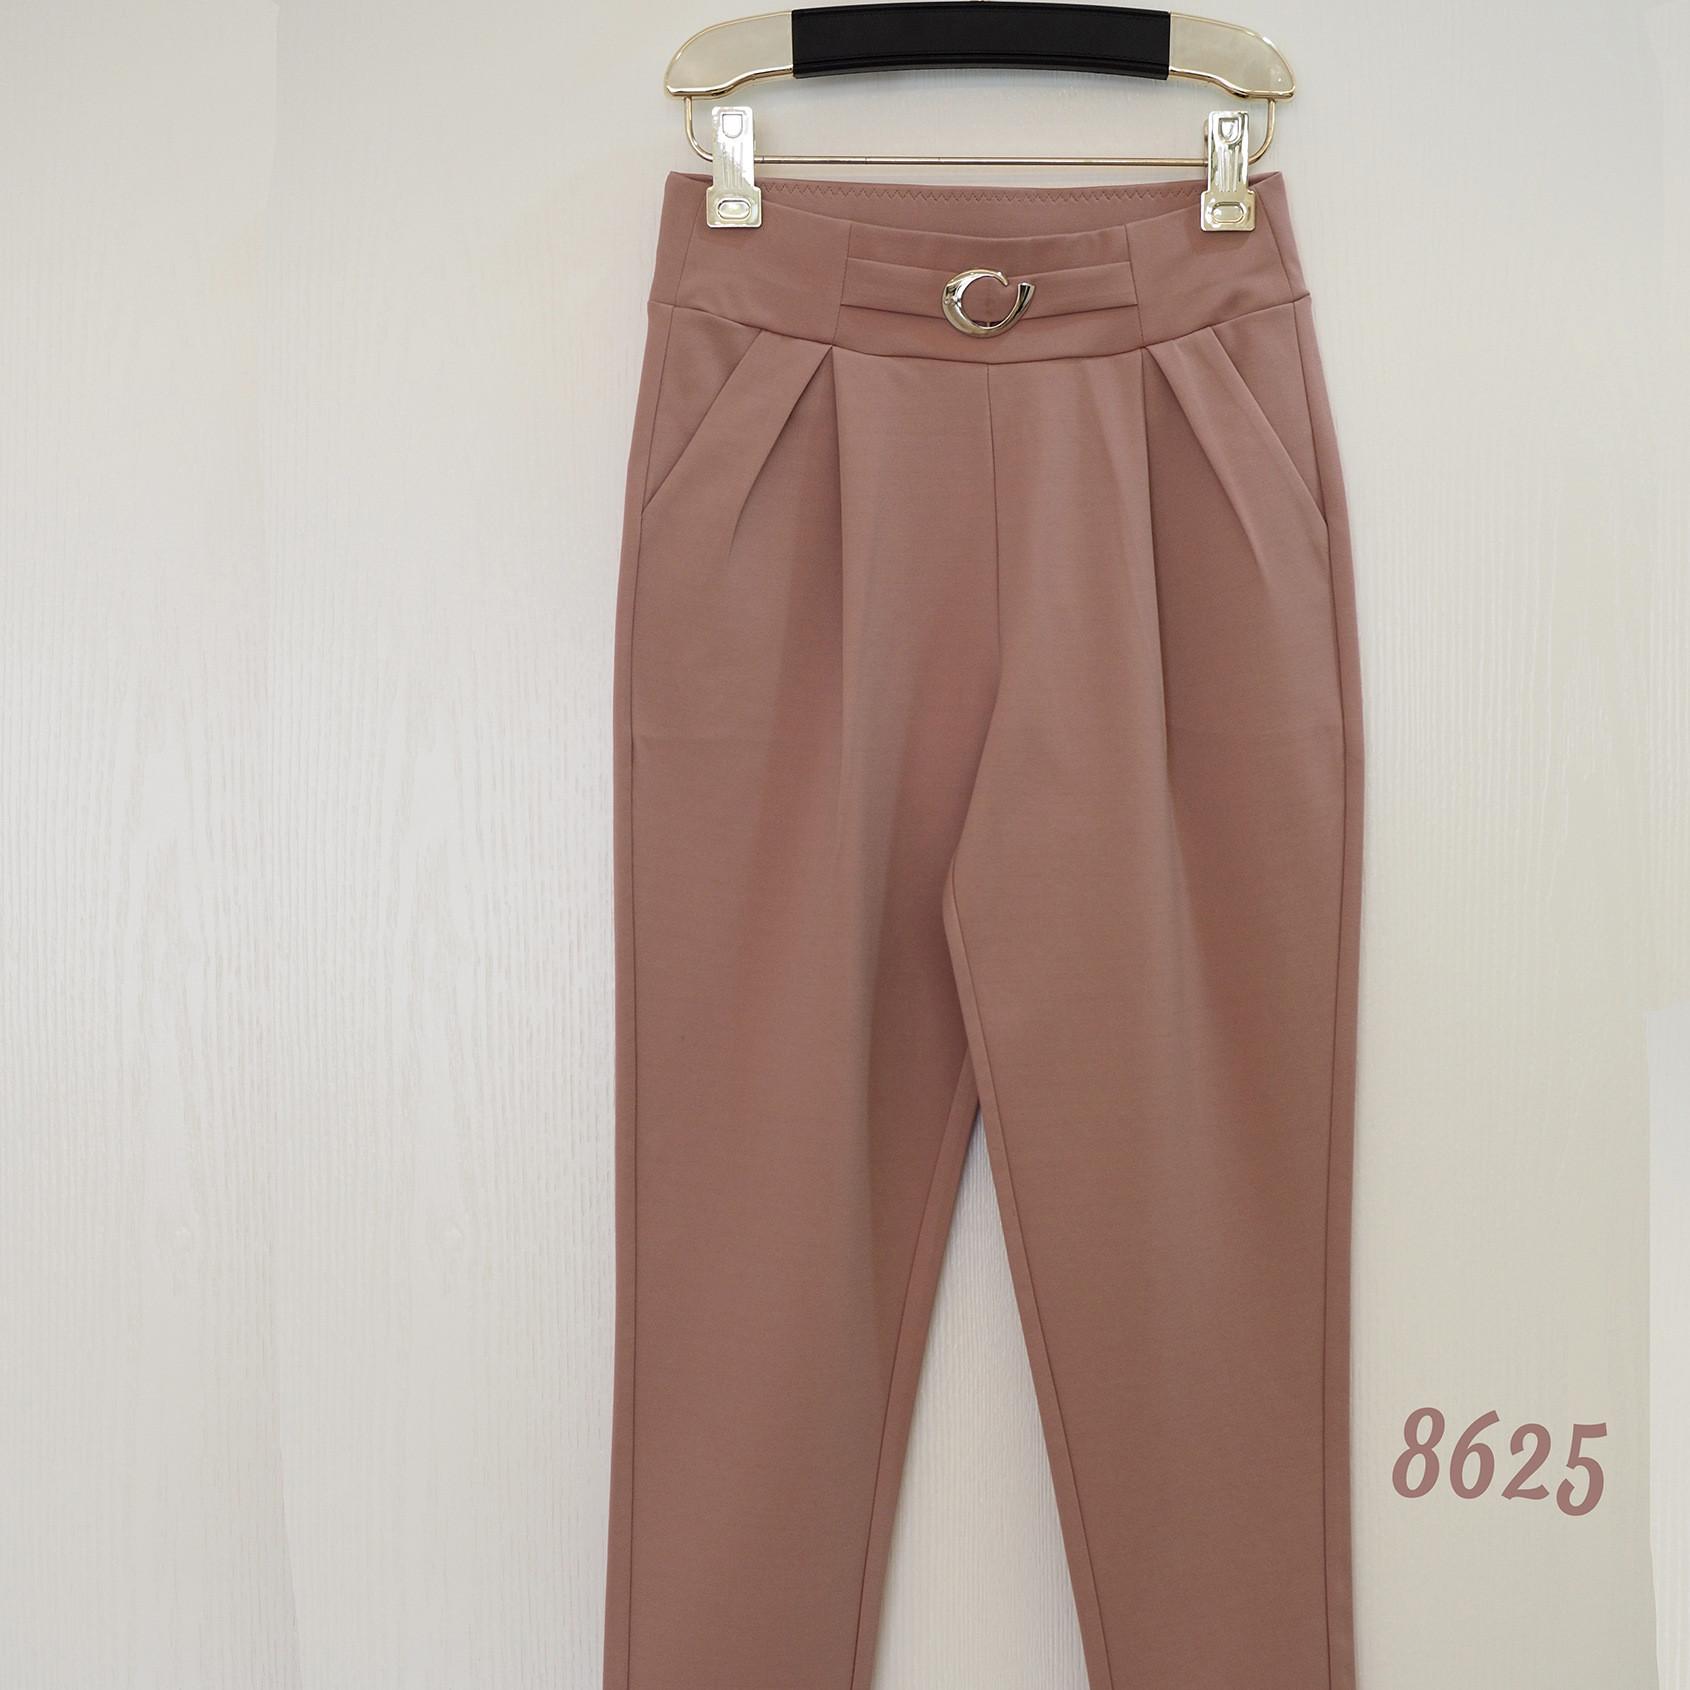 2017夏季新款高腰弹力打底裤外穿显瘦打底裤八九分女裤